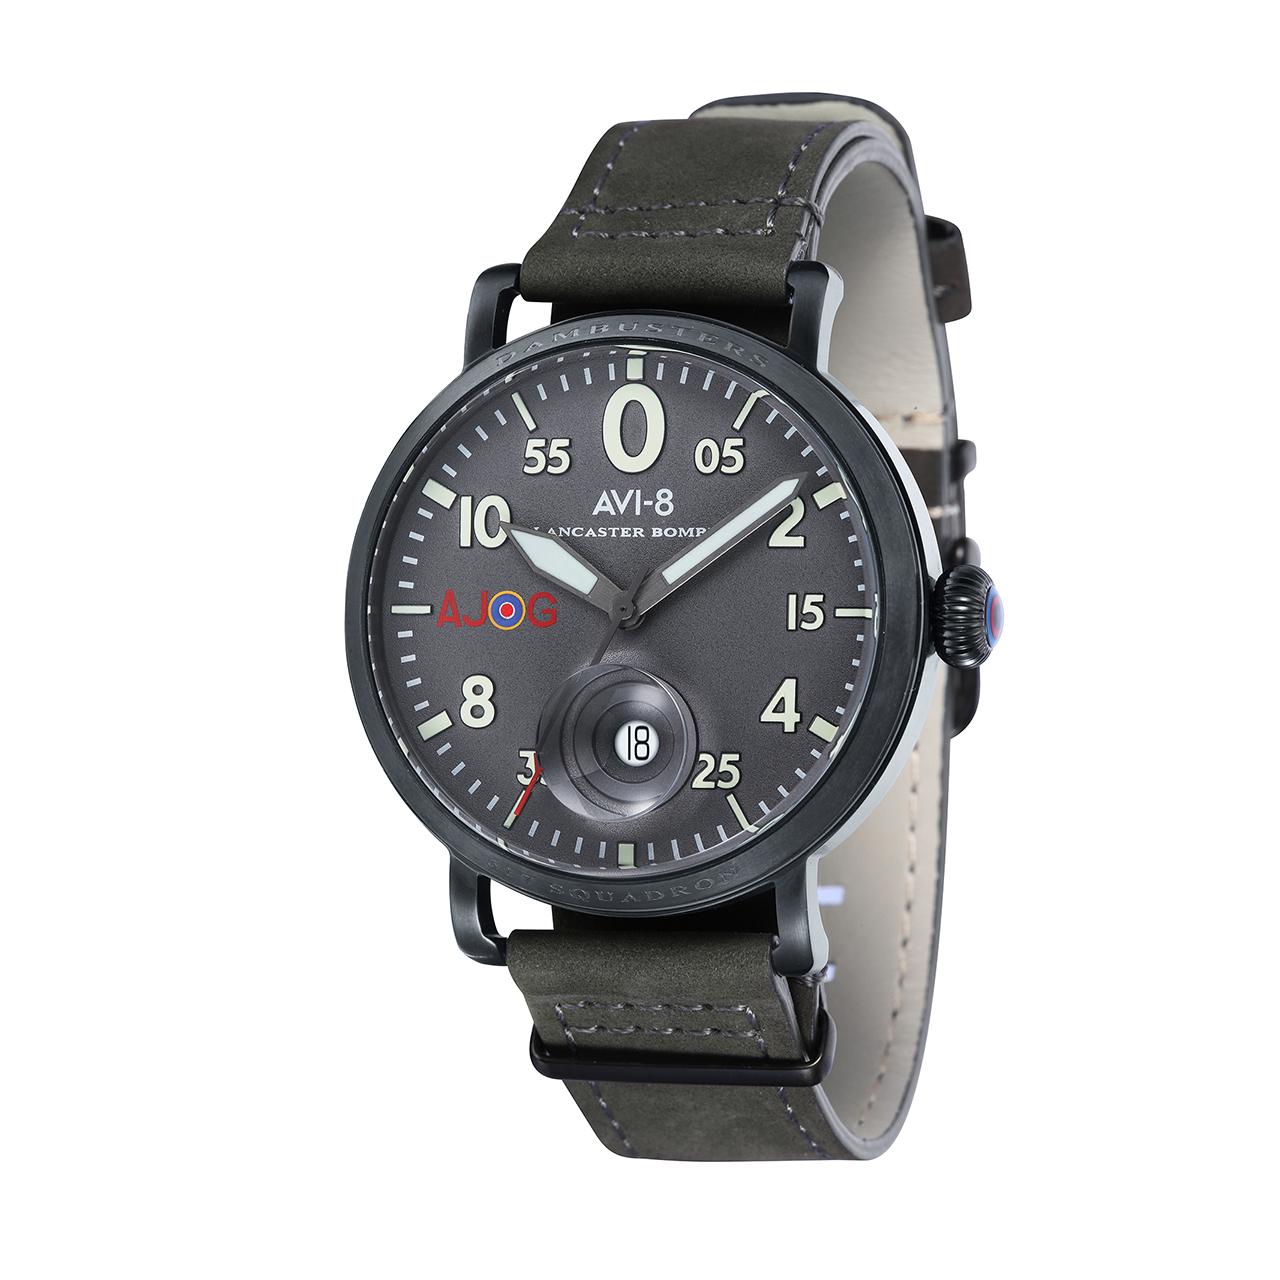 ساعت مچی عقربه ای مردانه ای وی-8 مدل AV-4049-04